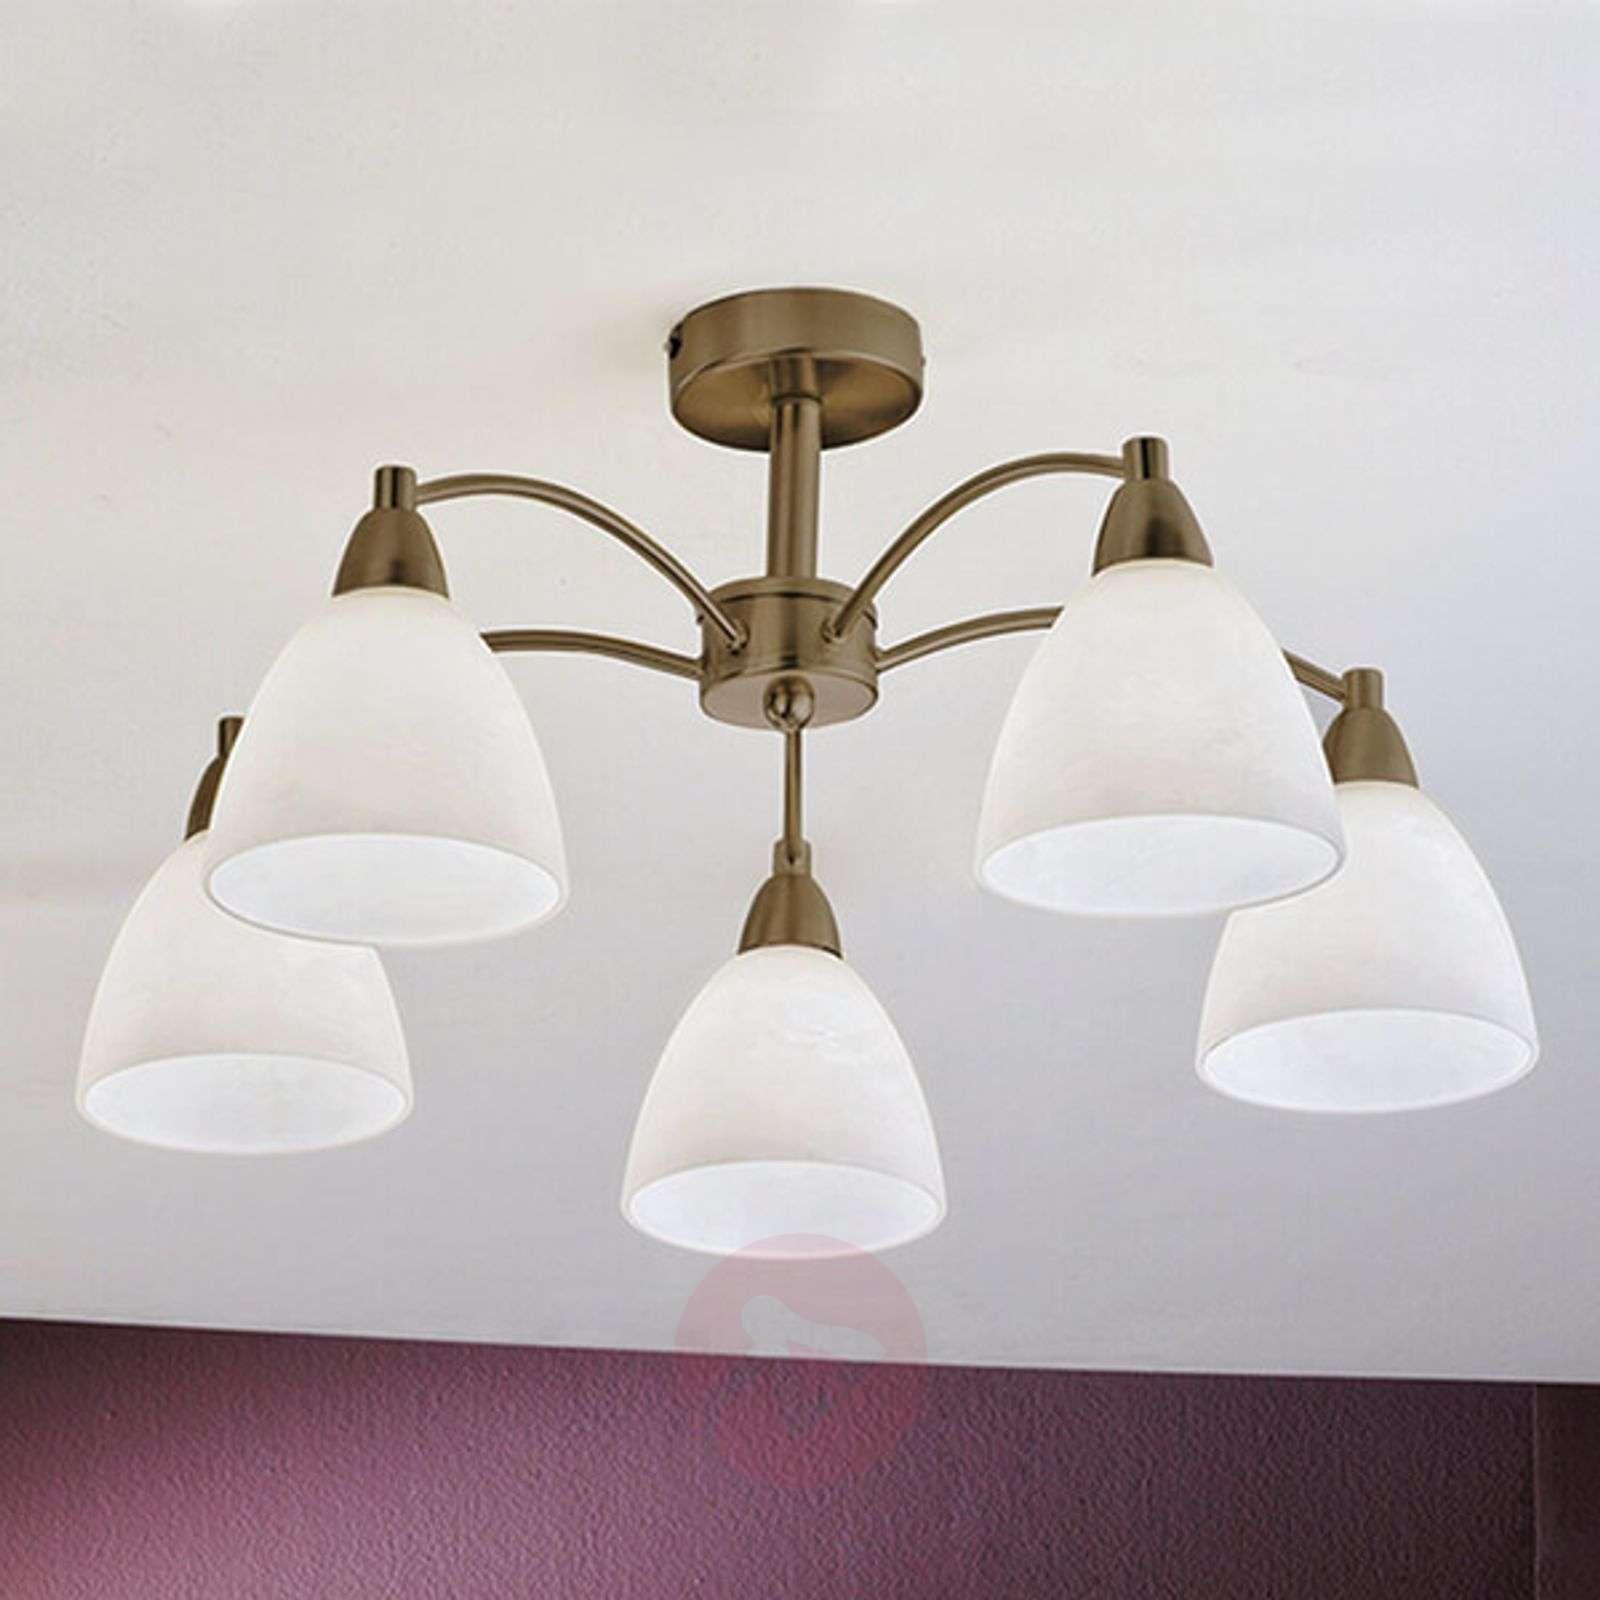 Viisilamppuinen Kinga-kattolamppu, vanhamessinki-7255342-01